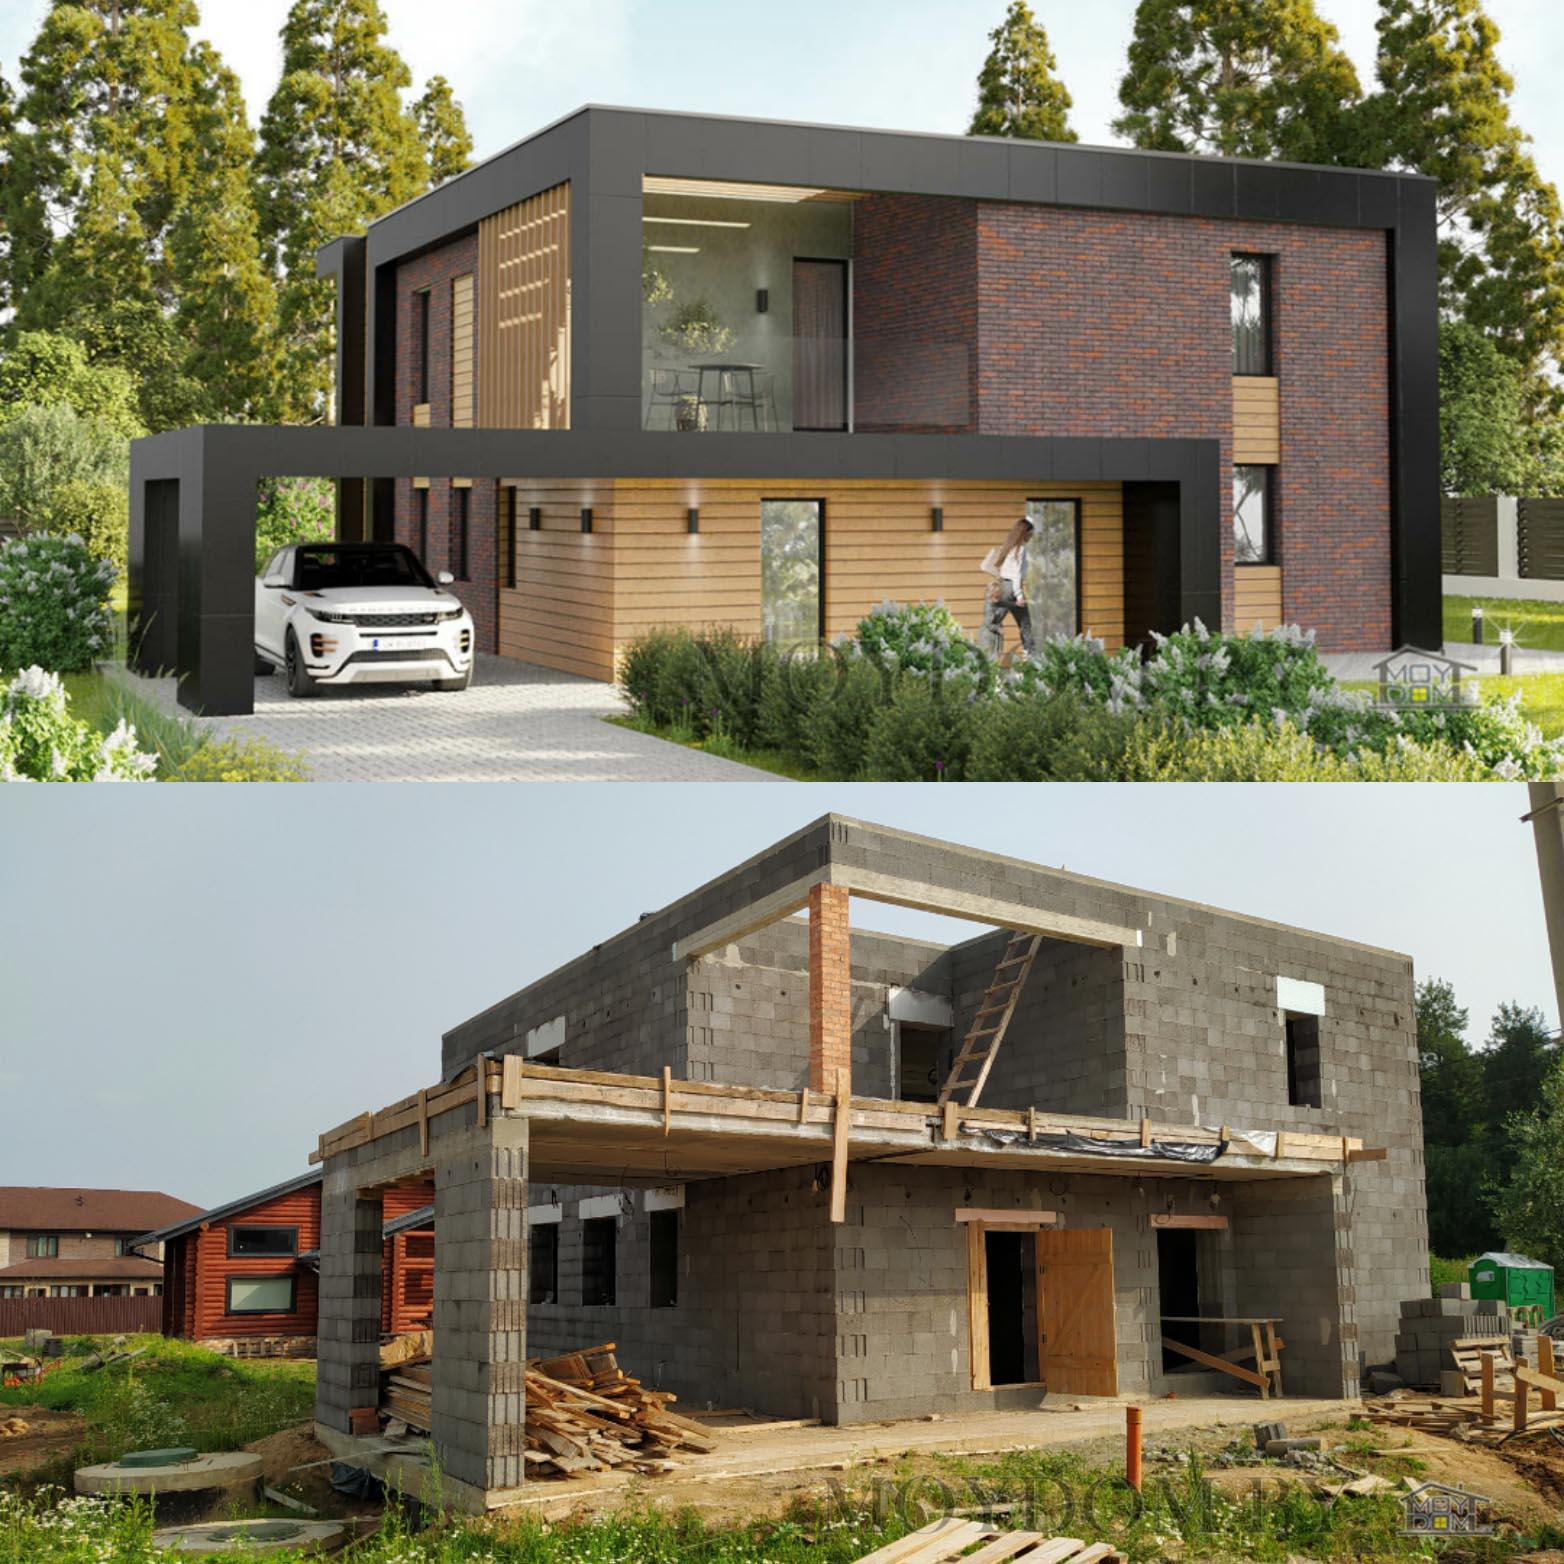 фото строительства дома по проекту 960